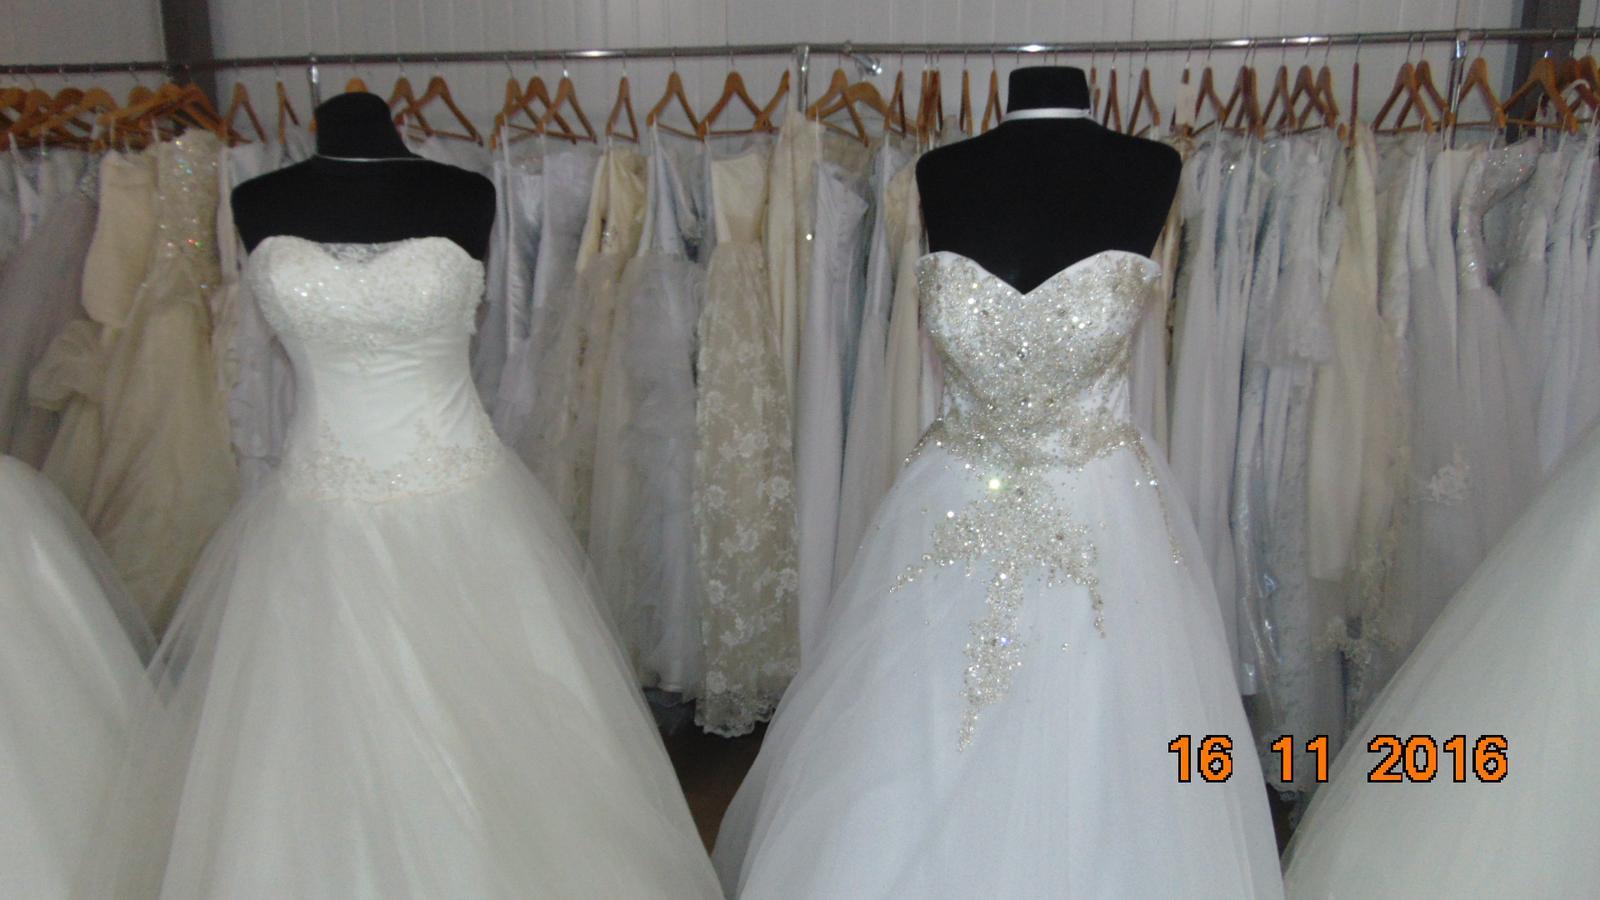 3c21f0f44d75 Svadobné šaty z Ukrajiny. Máte skúsenosť  - - Sva... - str. 43